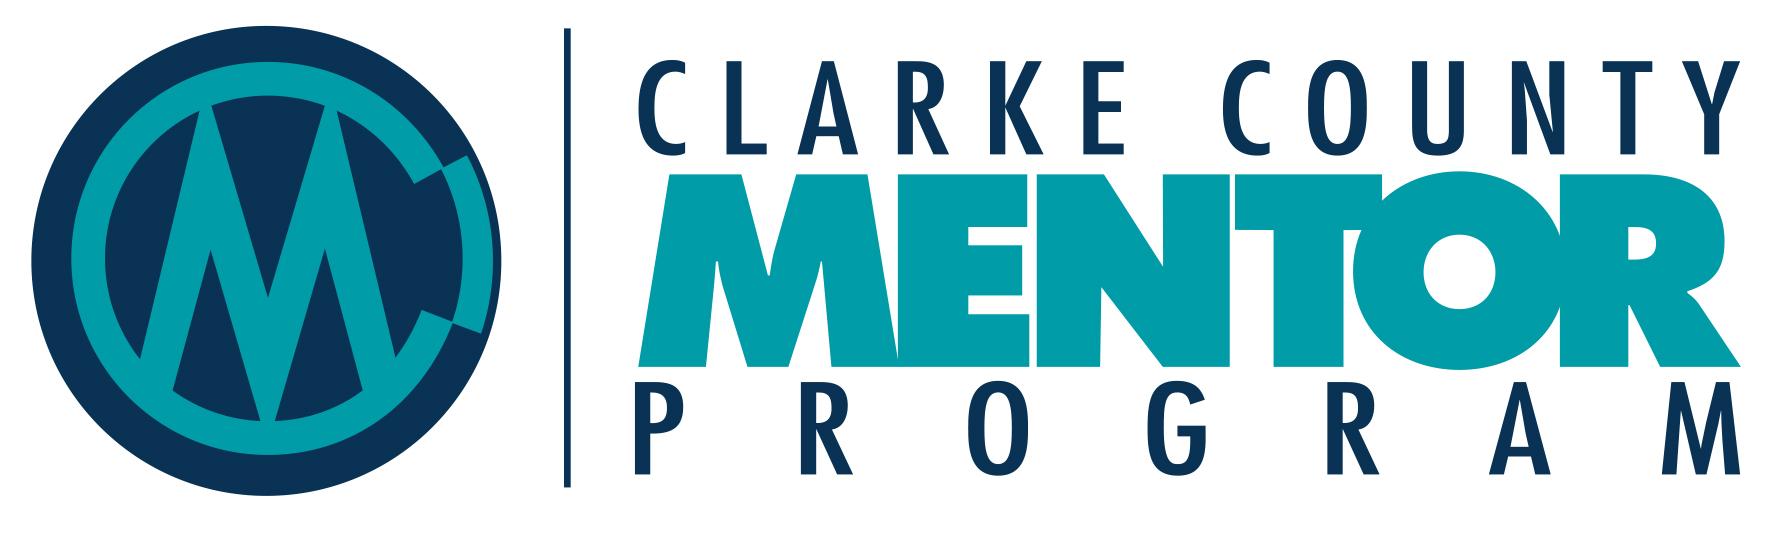 ClarkeCoMentor4cLogo